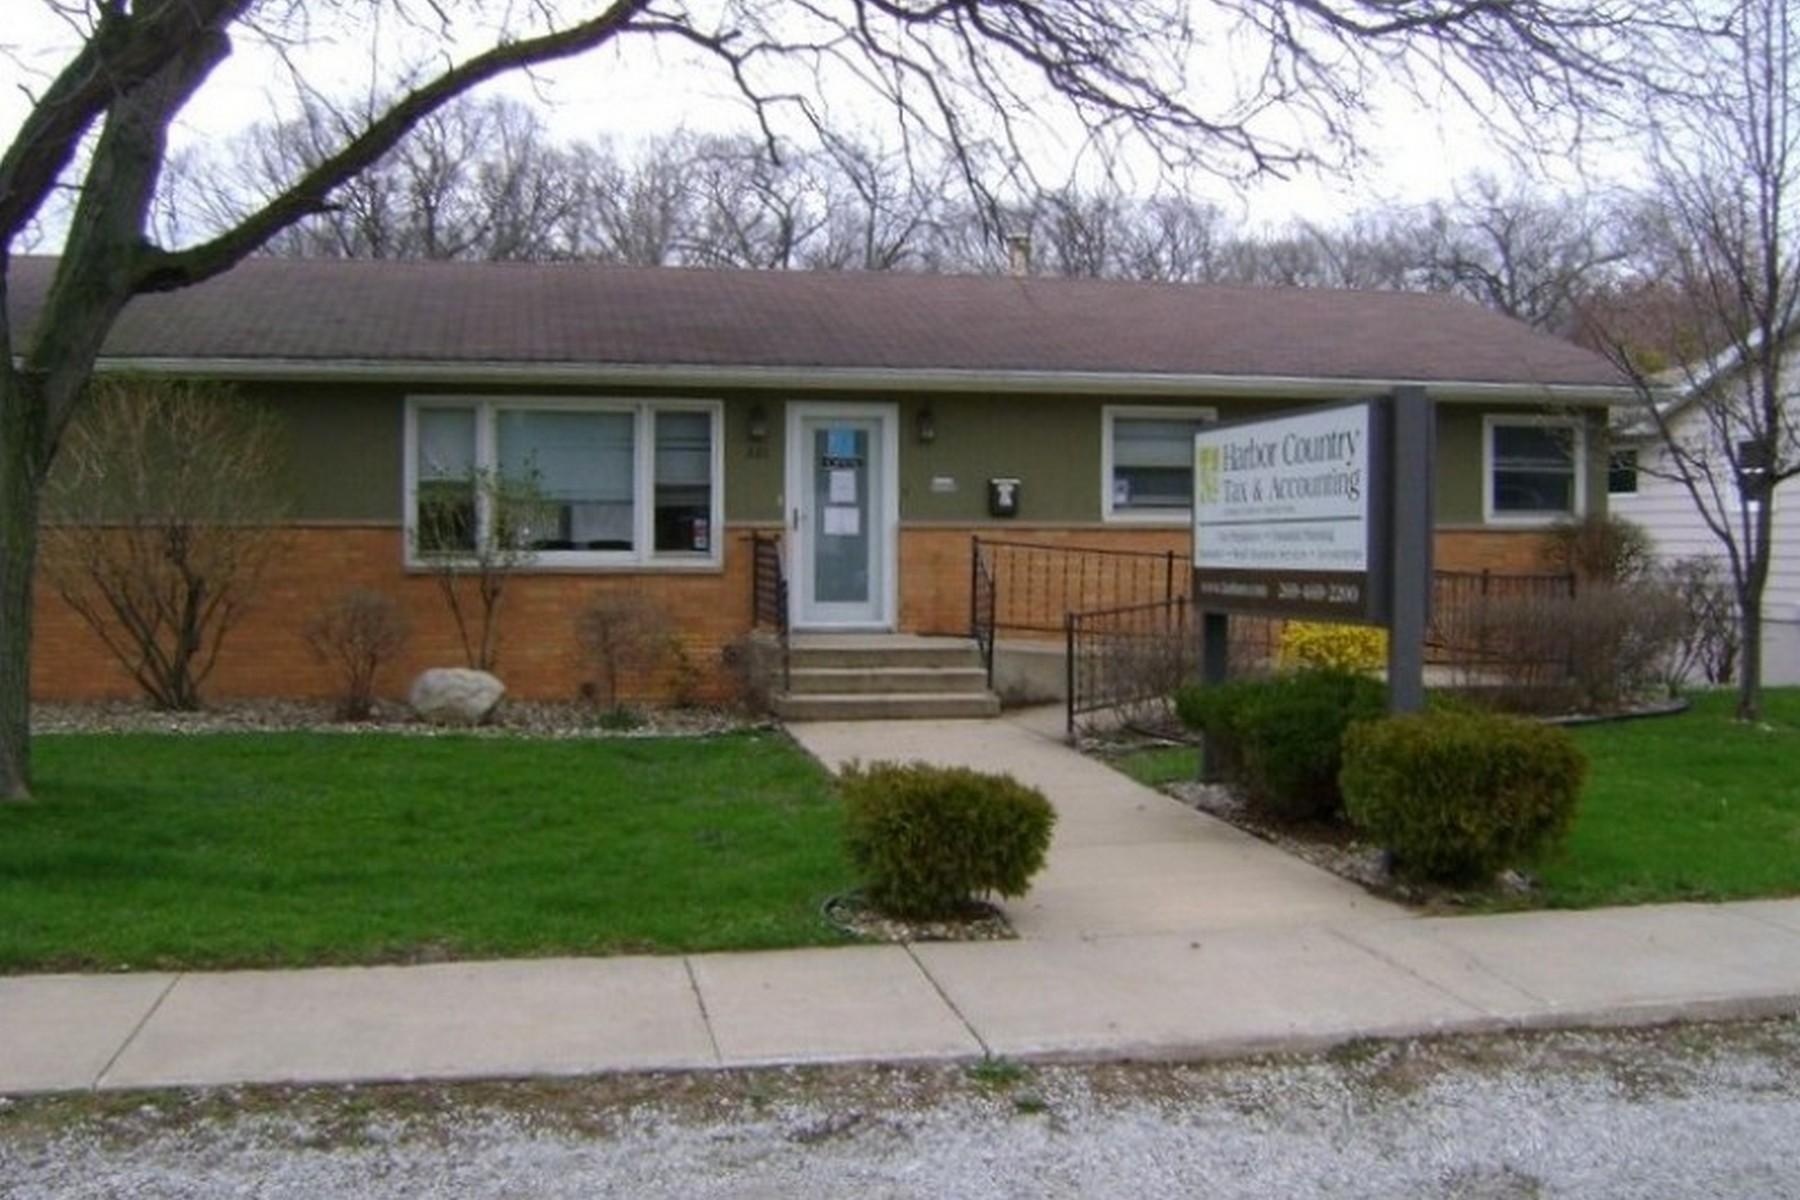 独户住宅 为 销售 在 Prime Location! 221 S. Whittaker 新水牛城, 密歇根州, 49117 美国